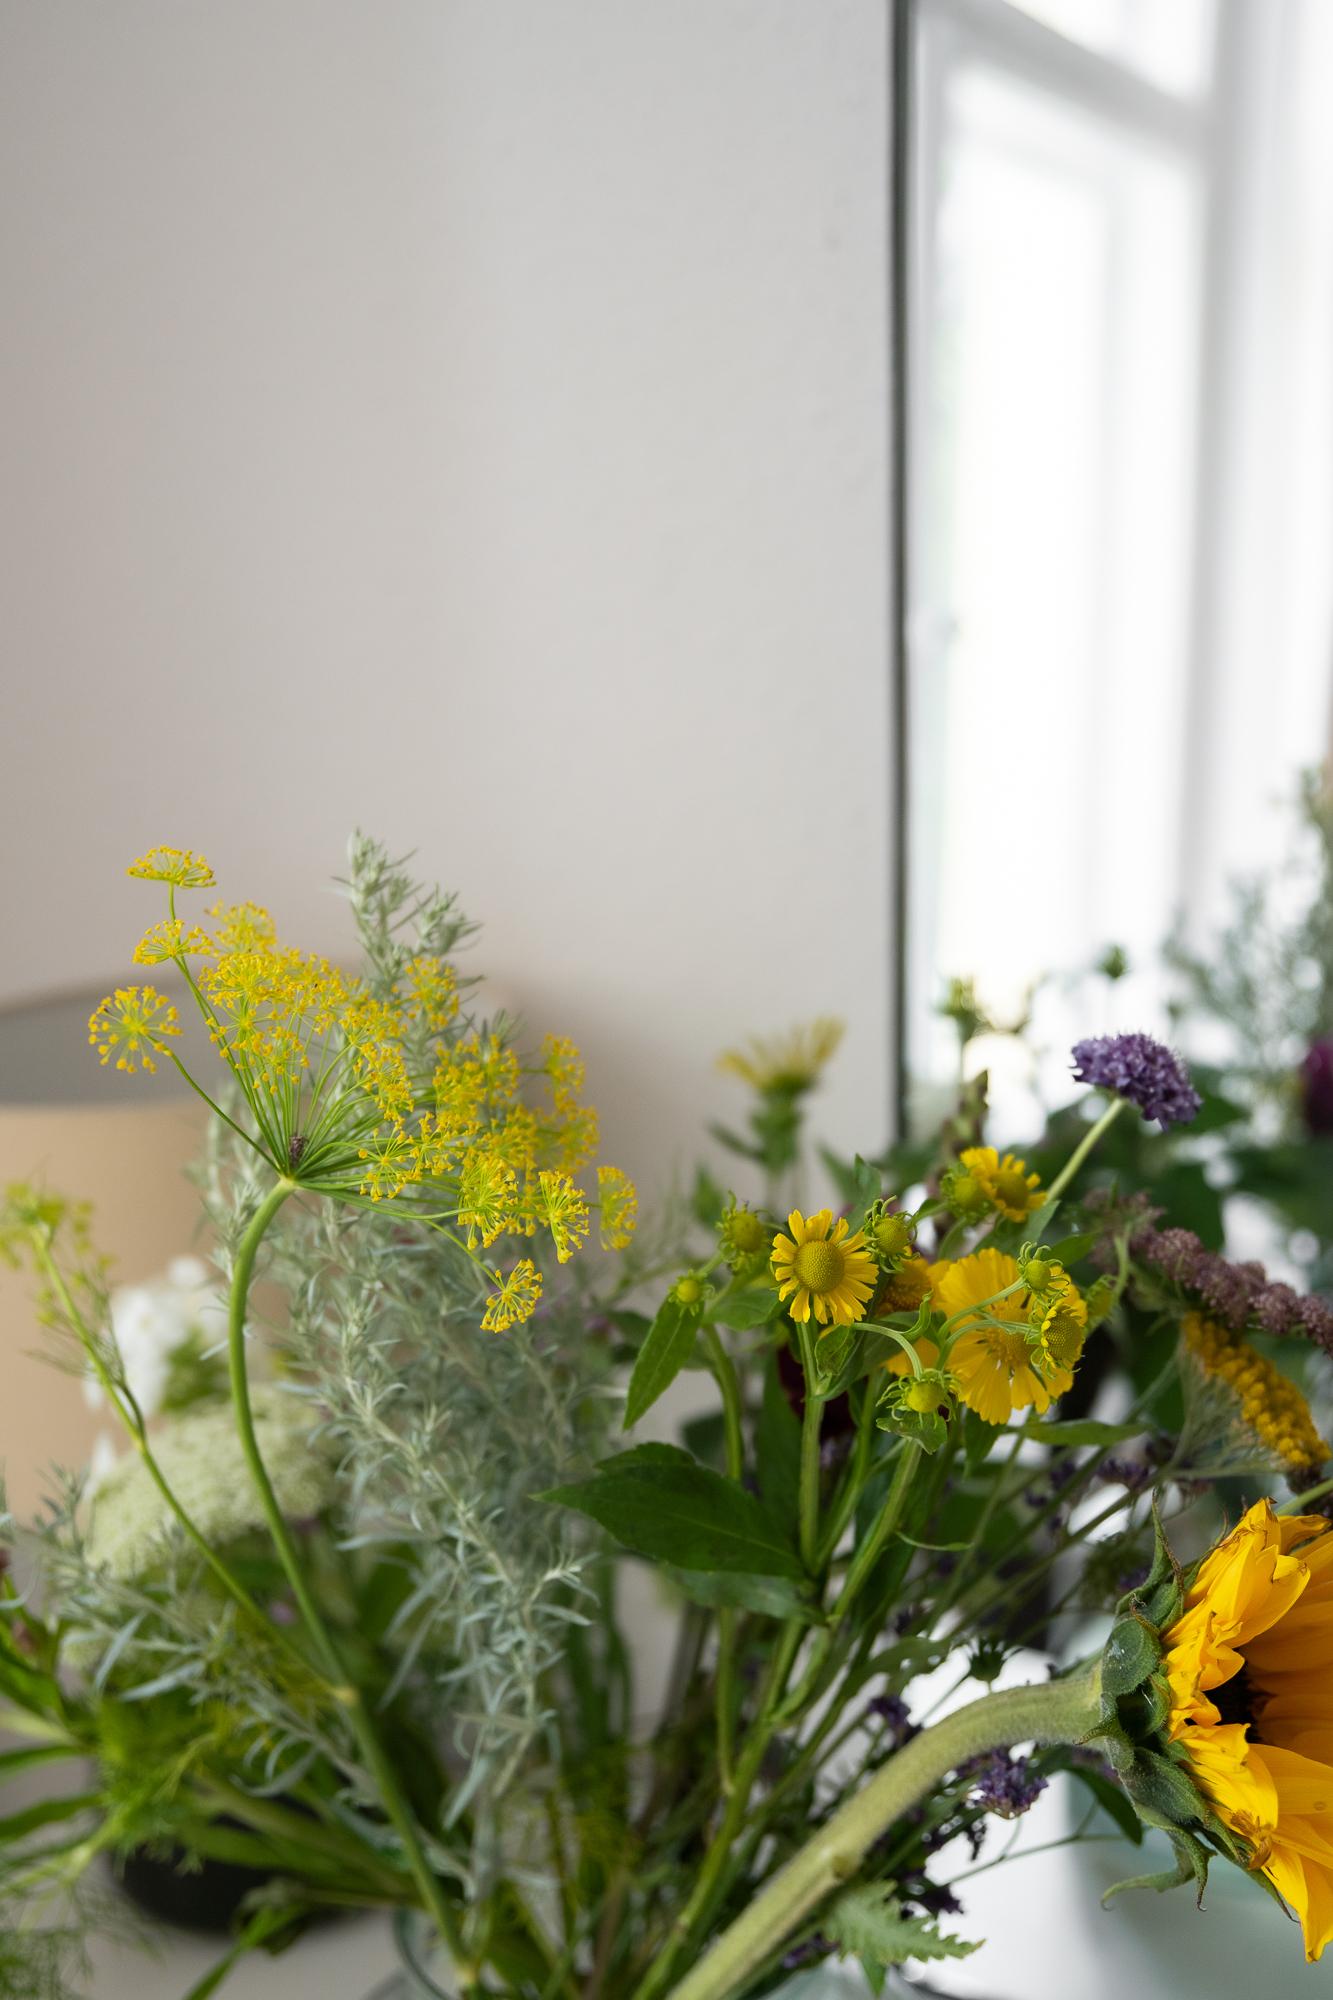 Babyzimmer-einrichtung-kinderzimmer-aline-kaplan-interior-bloomon-bio-strauß